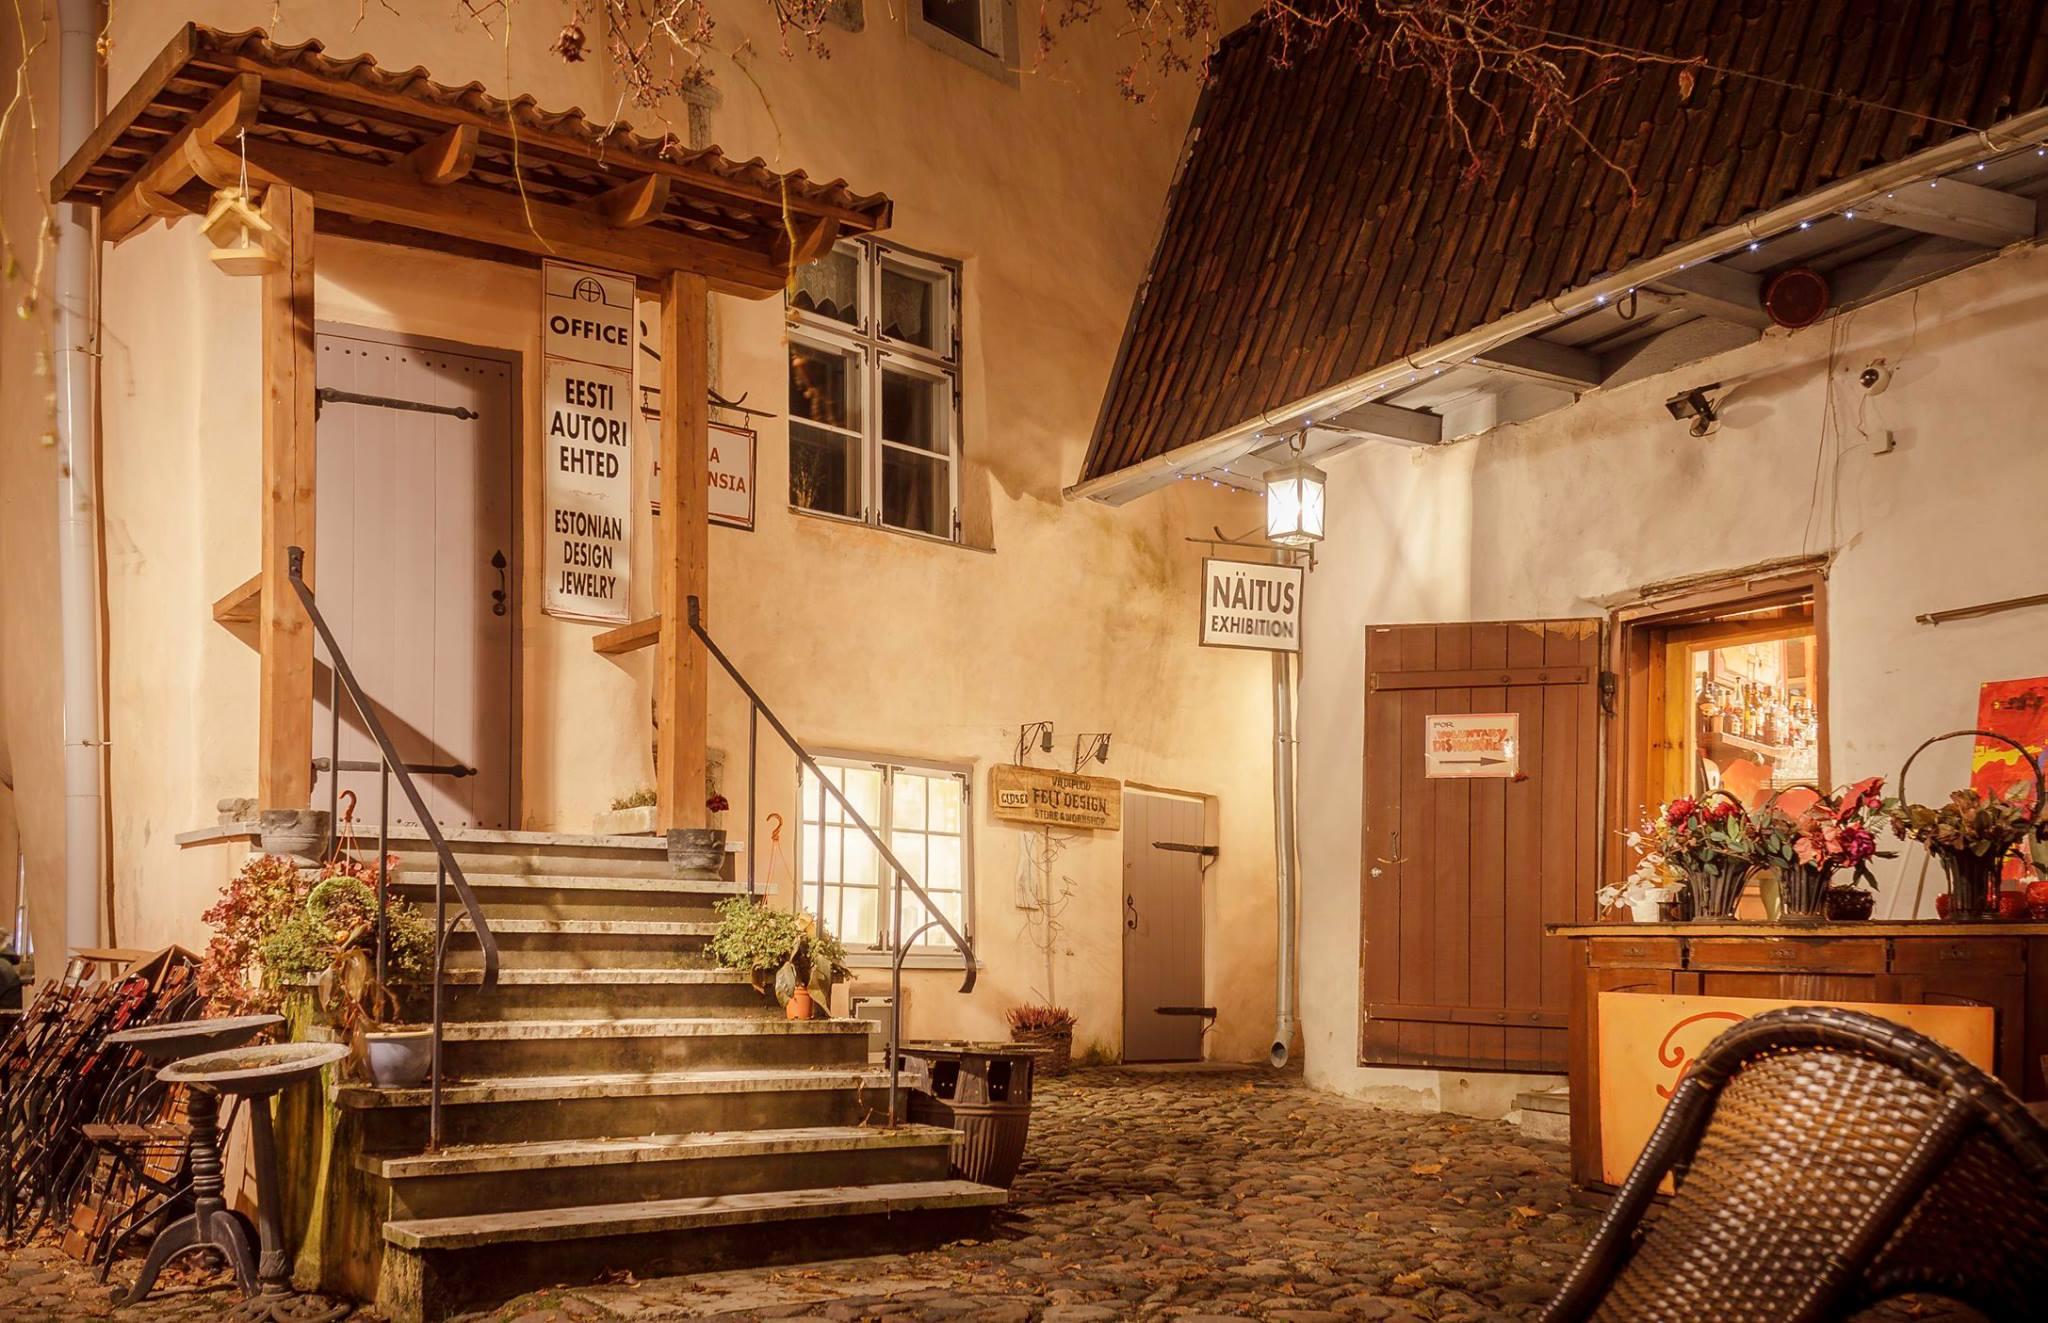 dvor masterov - ТОП-10 достопримечательностей Таллина